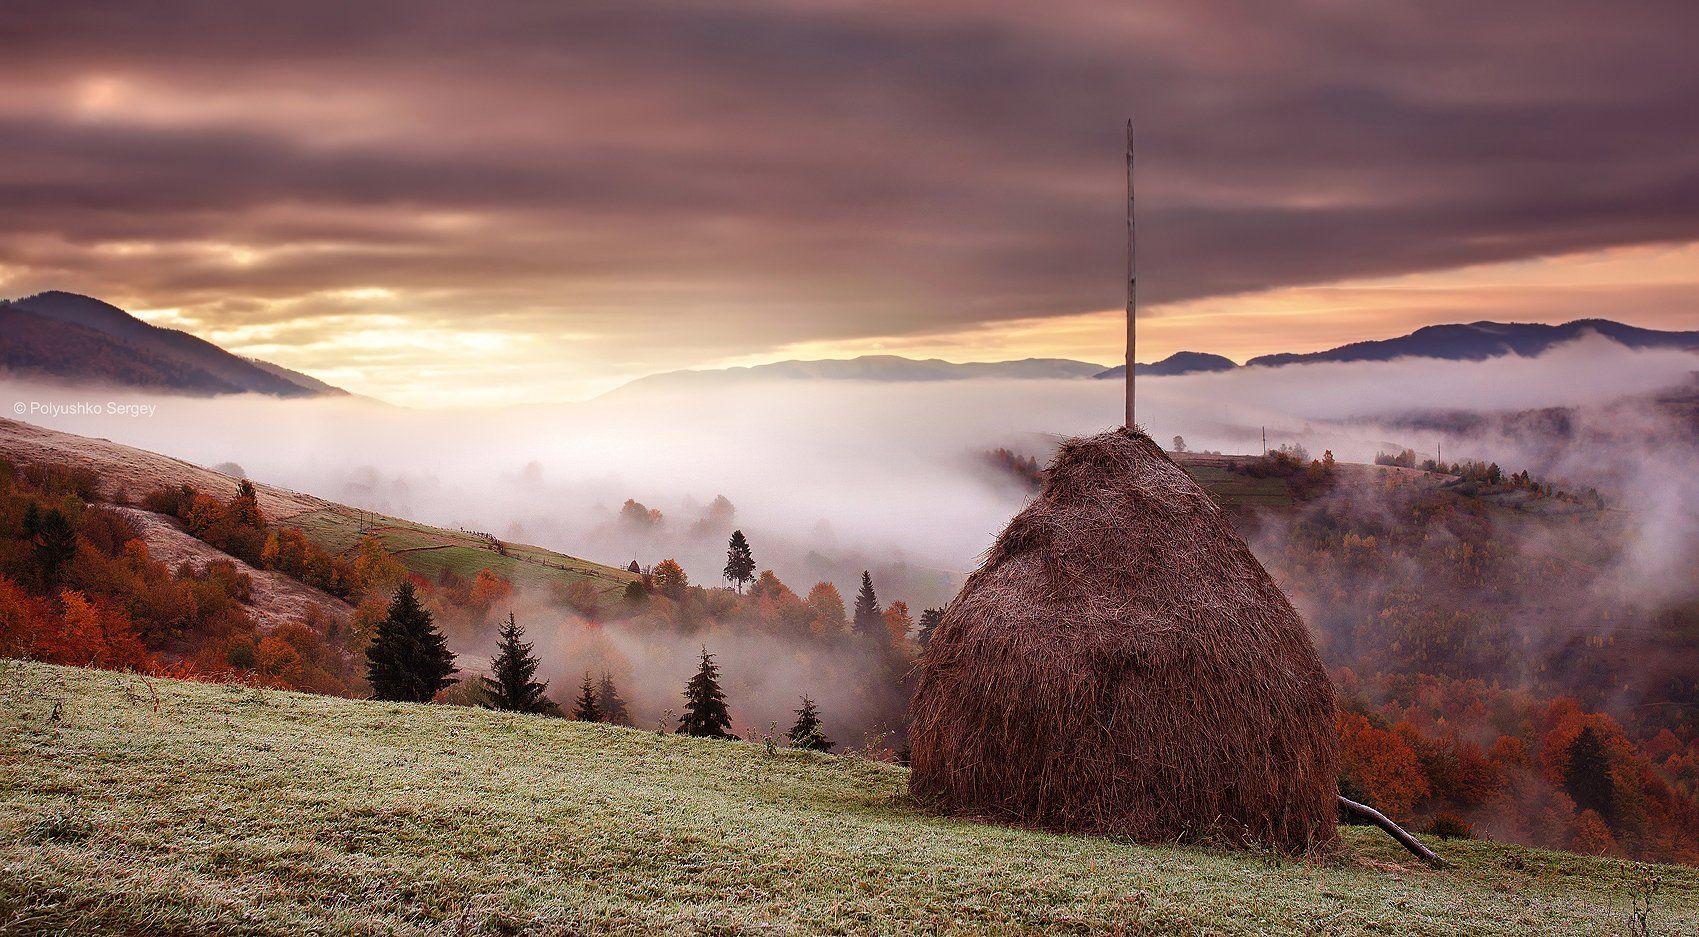 Карпаты, Рассвет, Стог, Туман, Украина, Полюшко Сергей